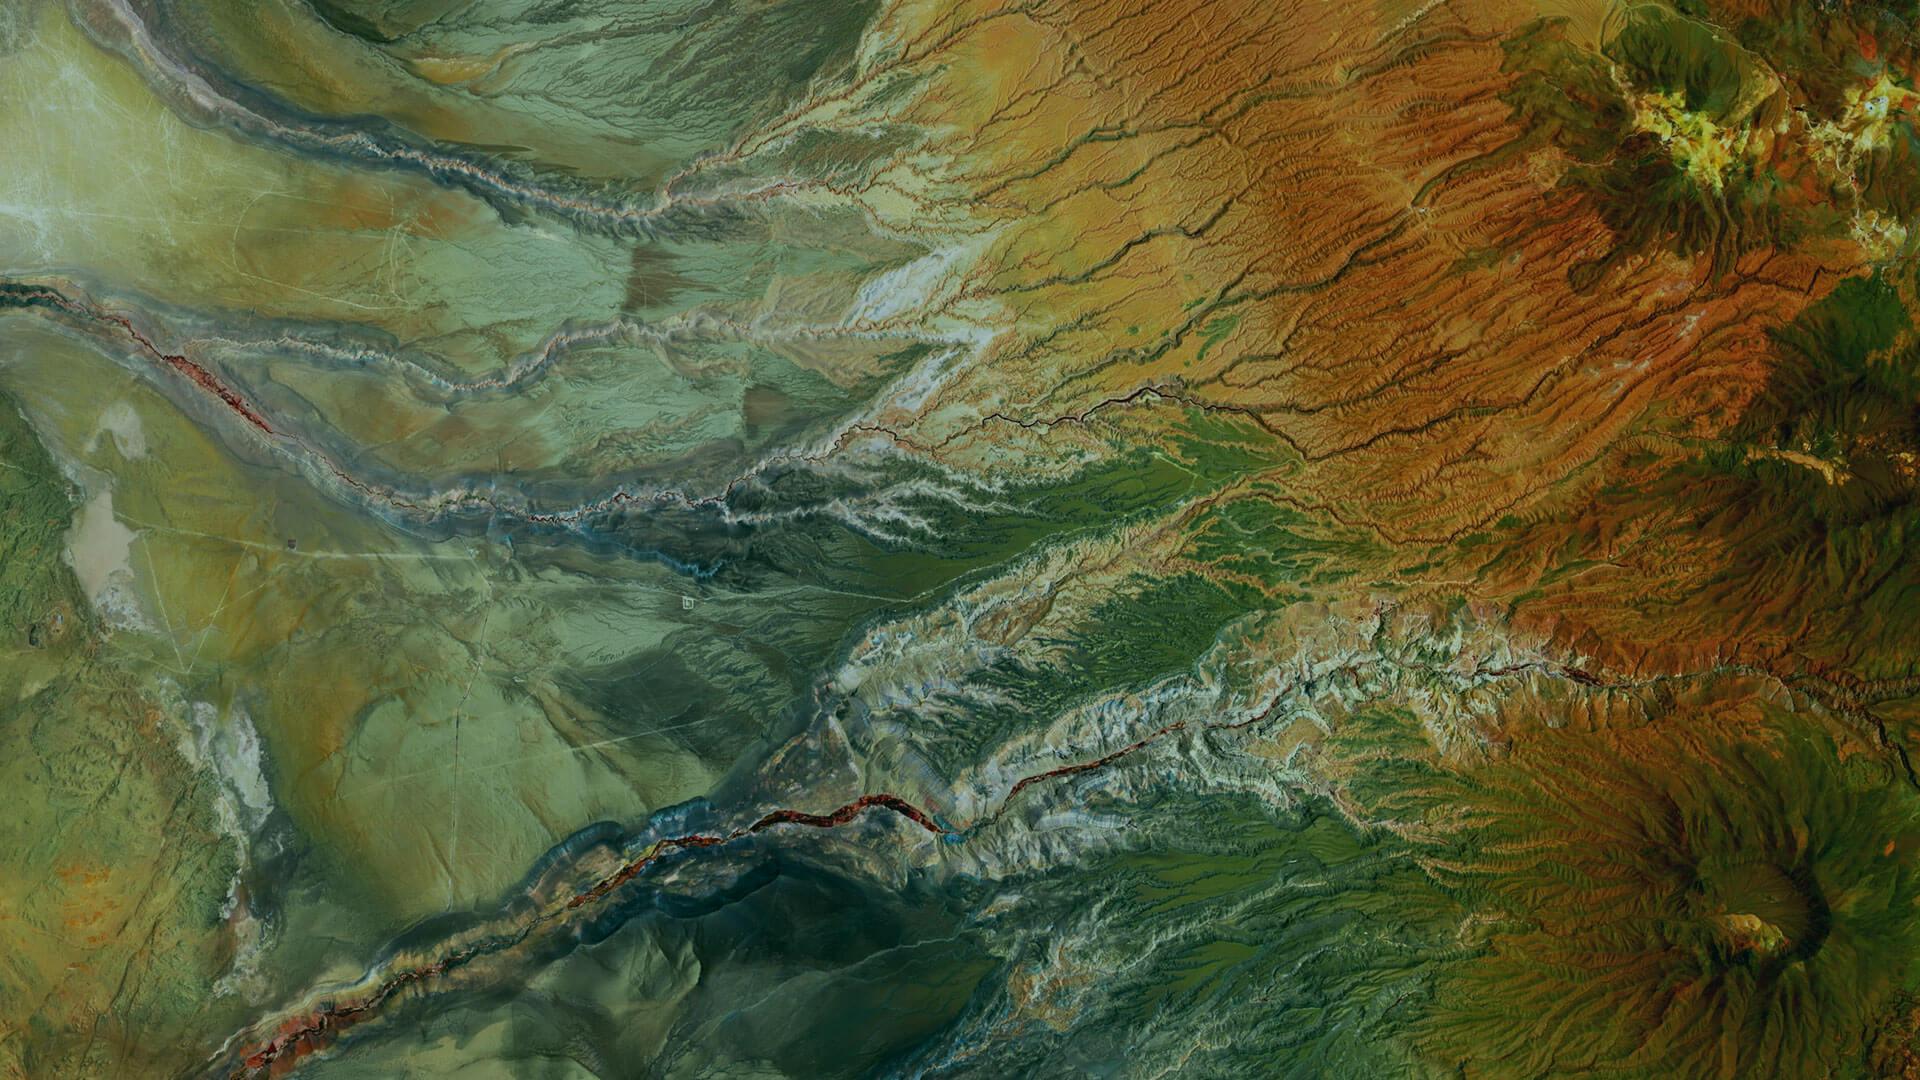 Cerro Guachiscota, Chile